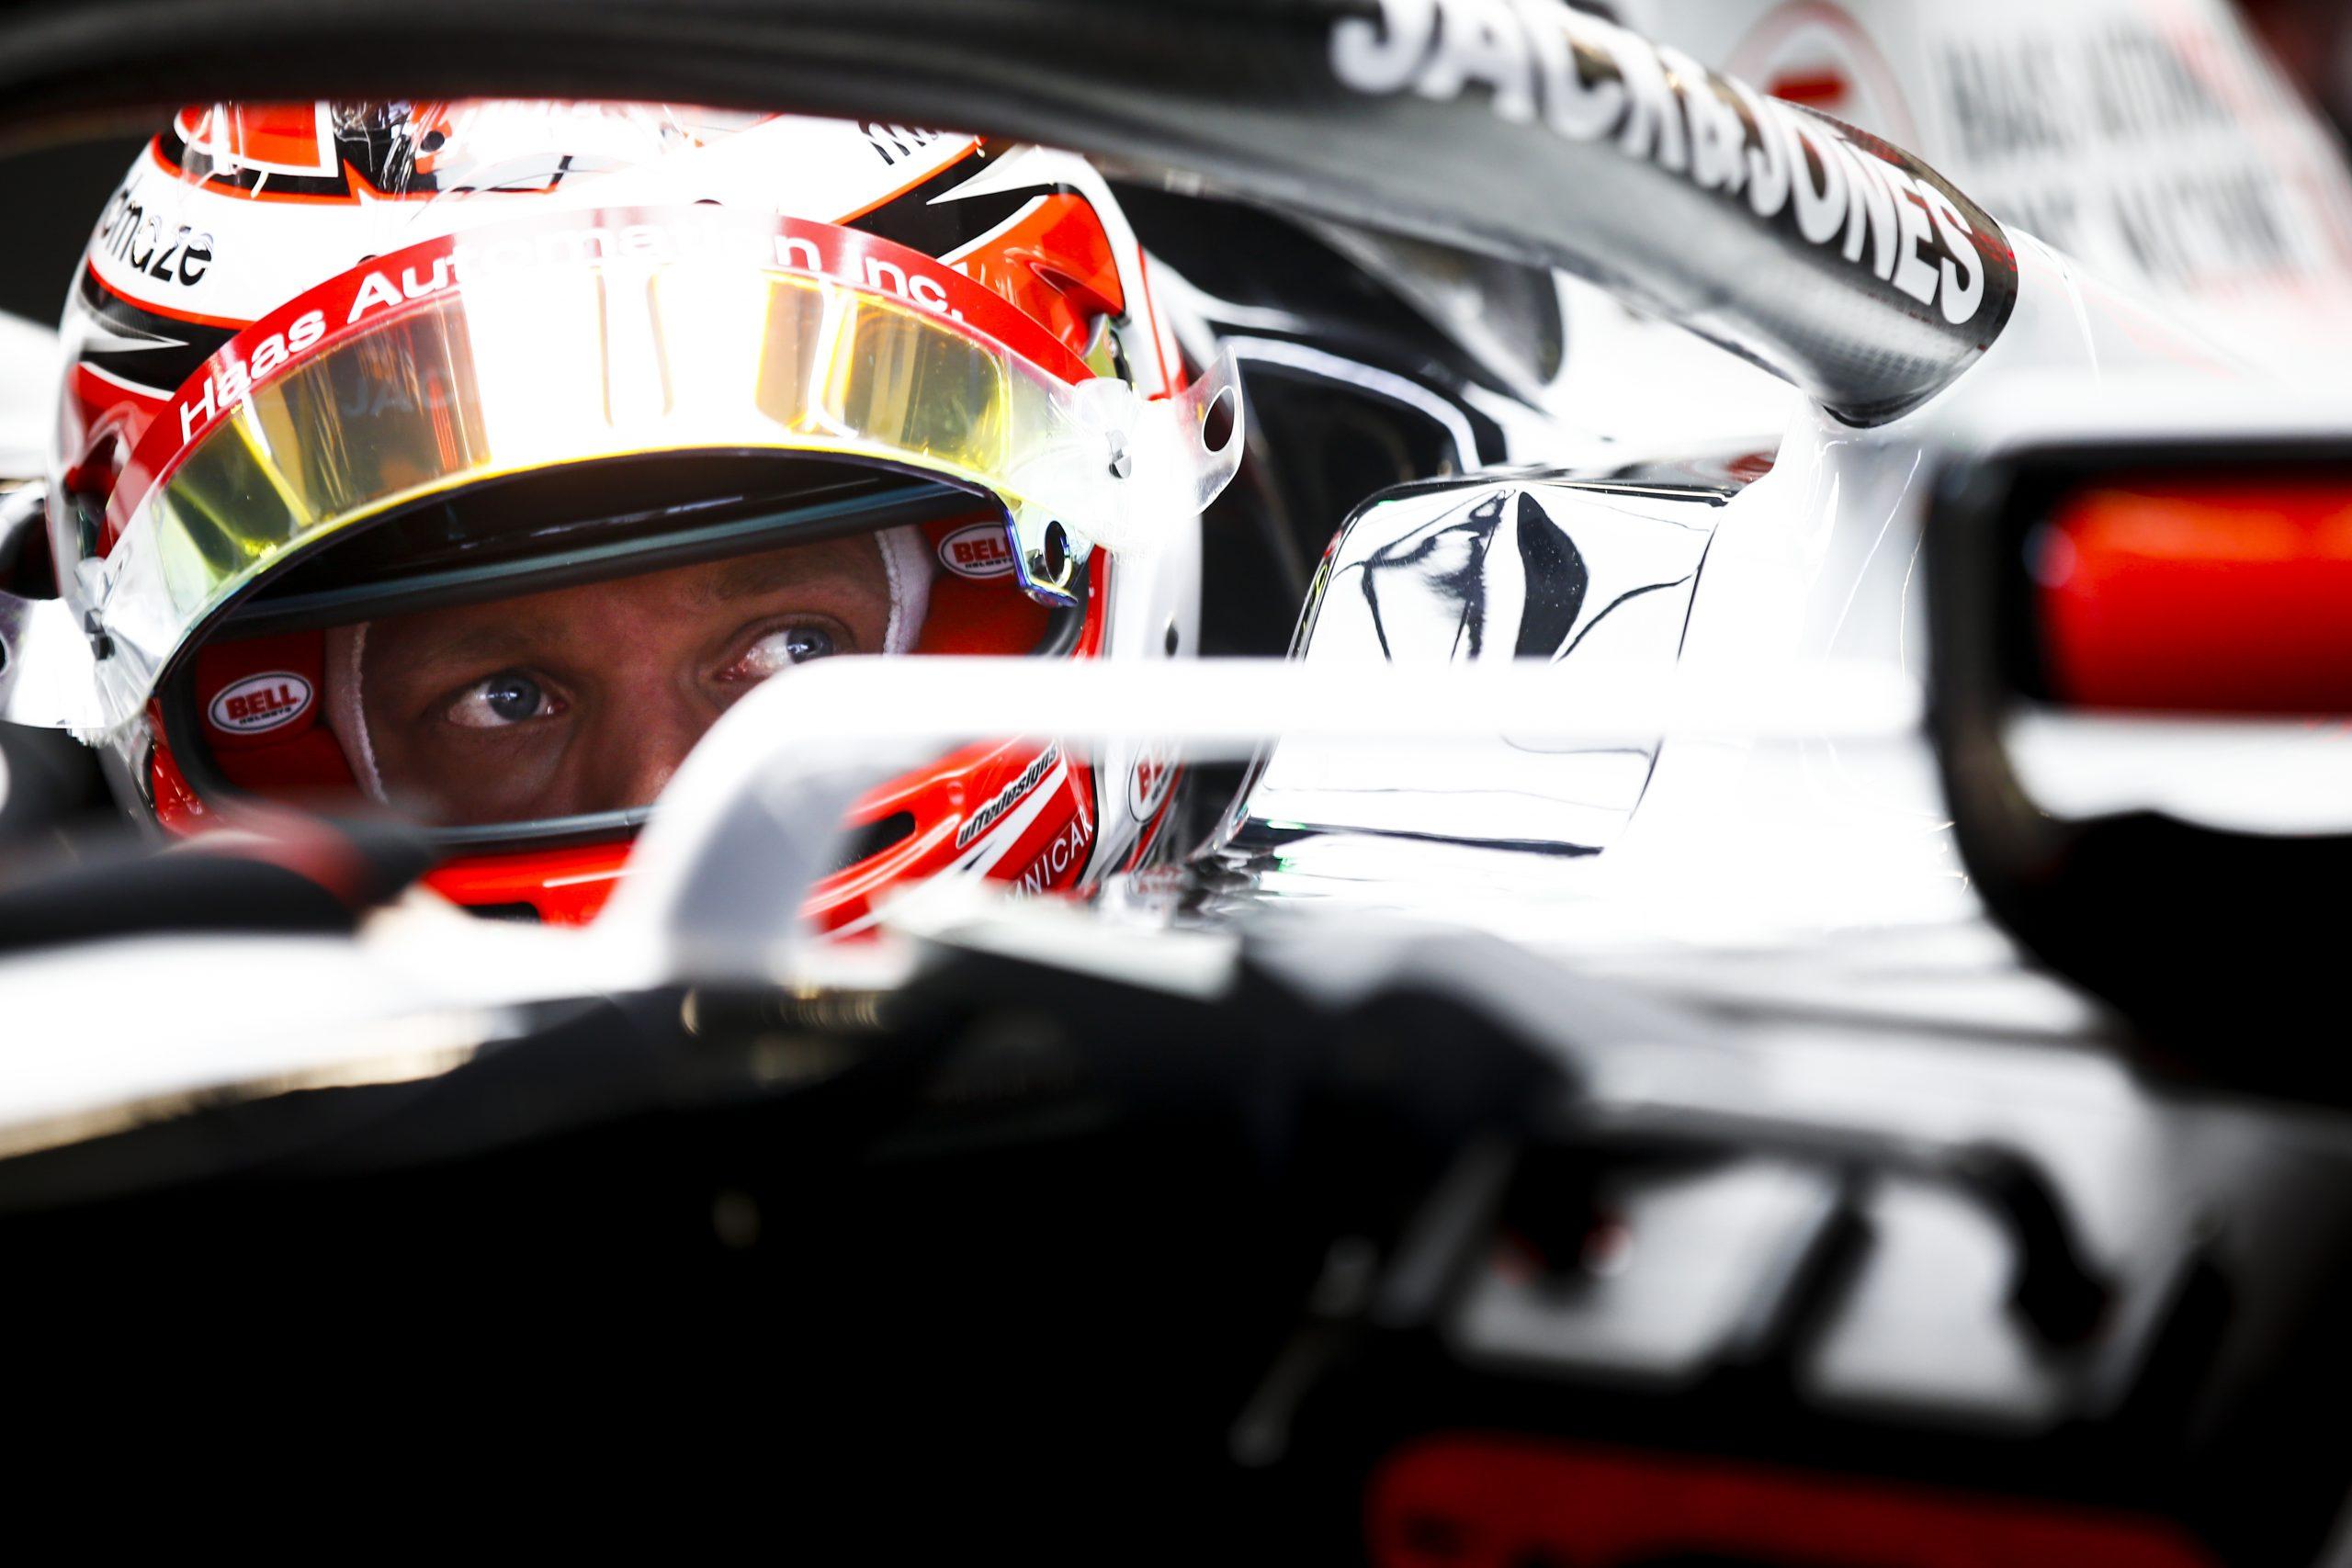 La piste de Melbourne ne convient pas au style de pilotage de Magnussen 1